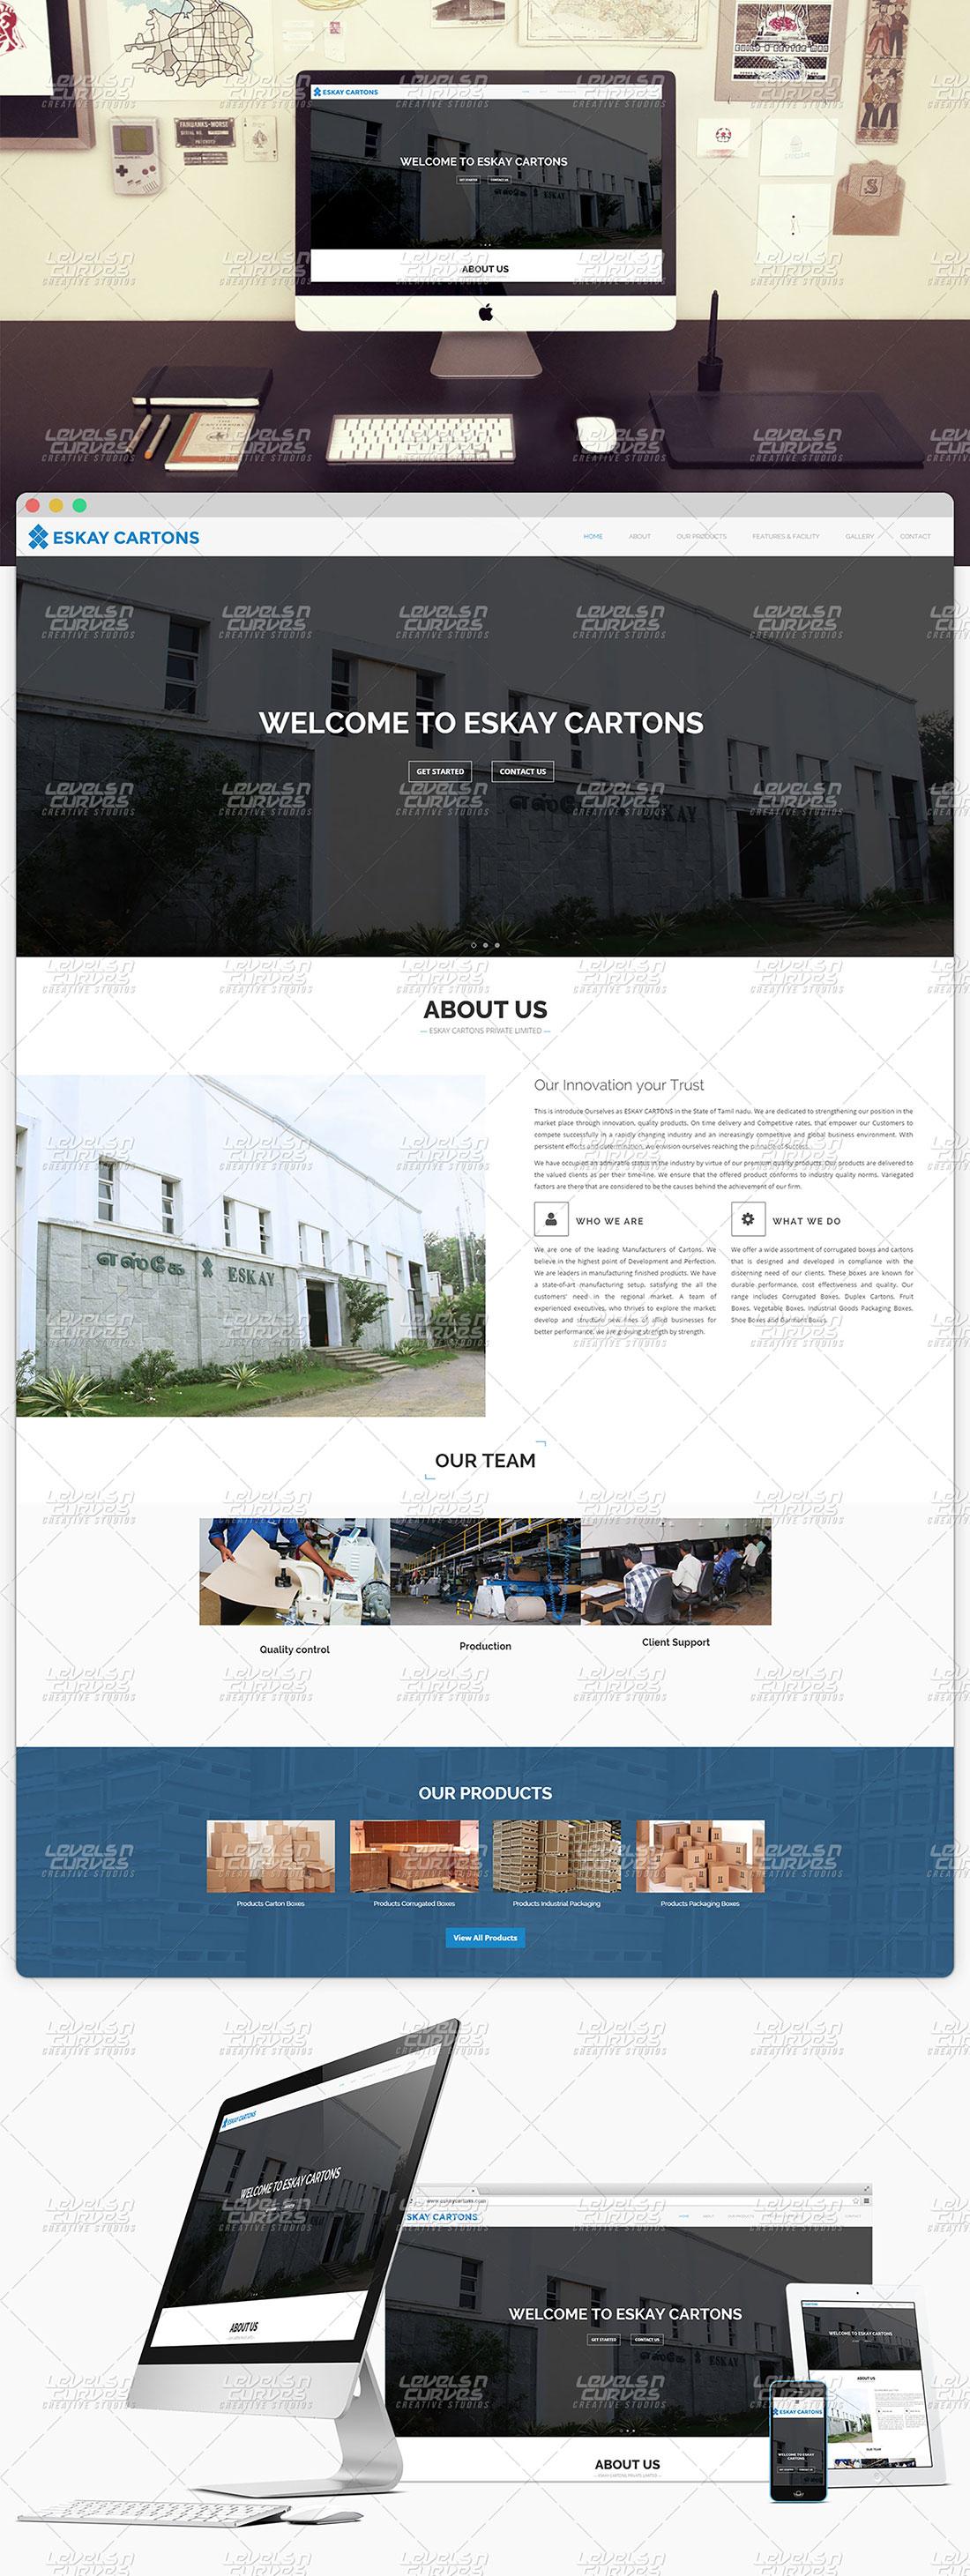 website-development-in-Chennai